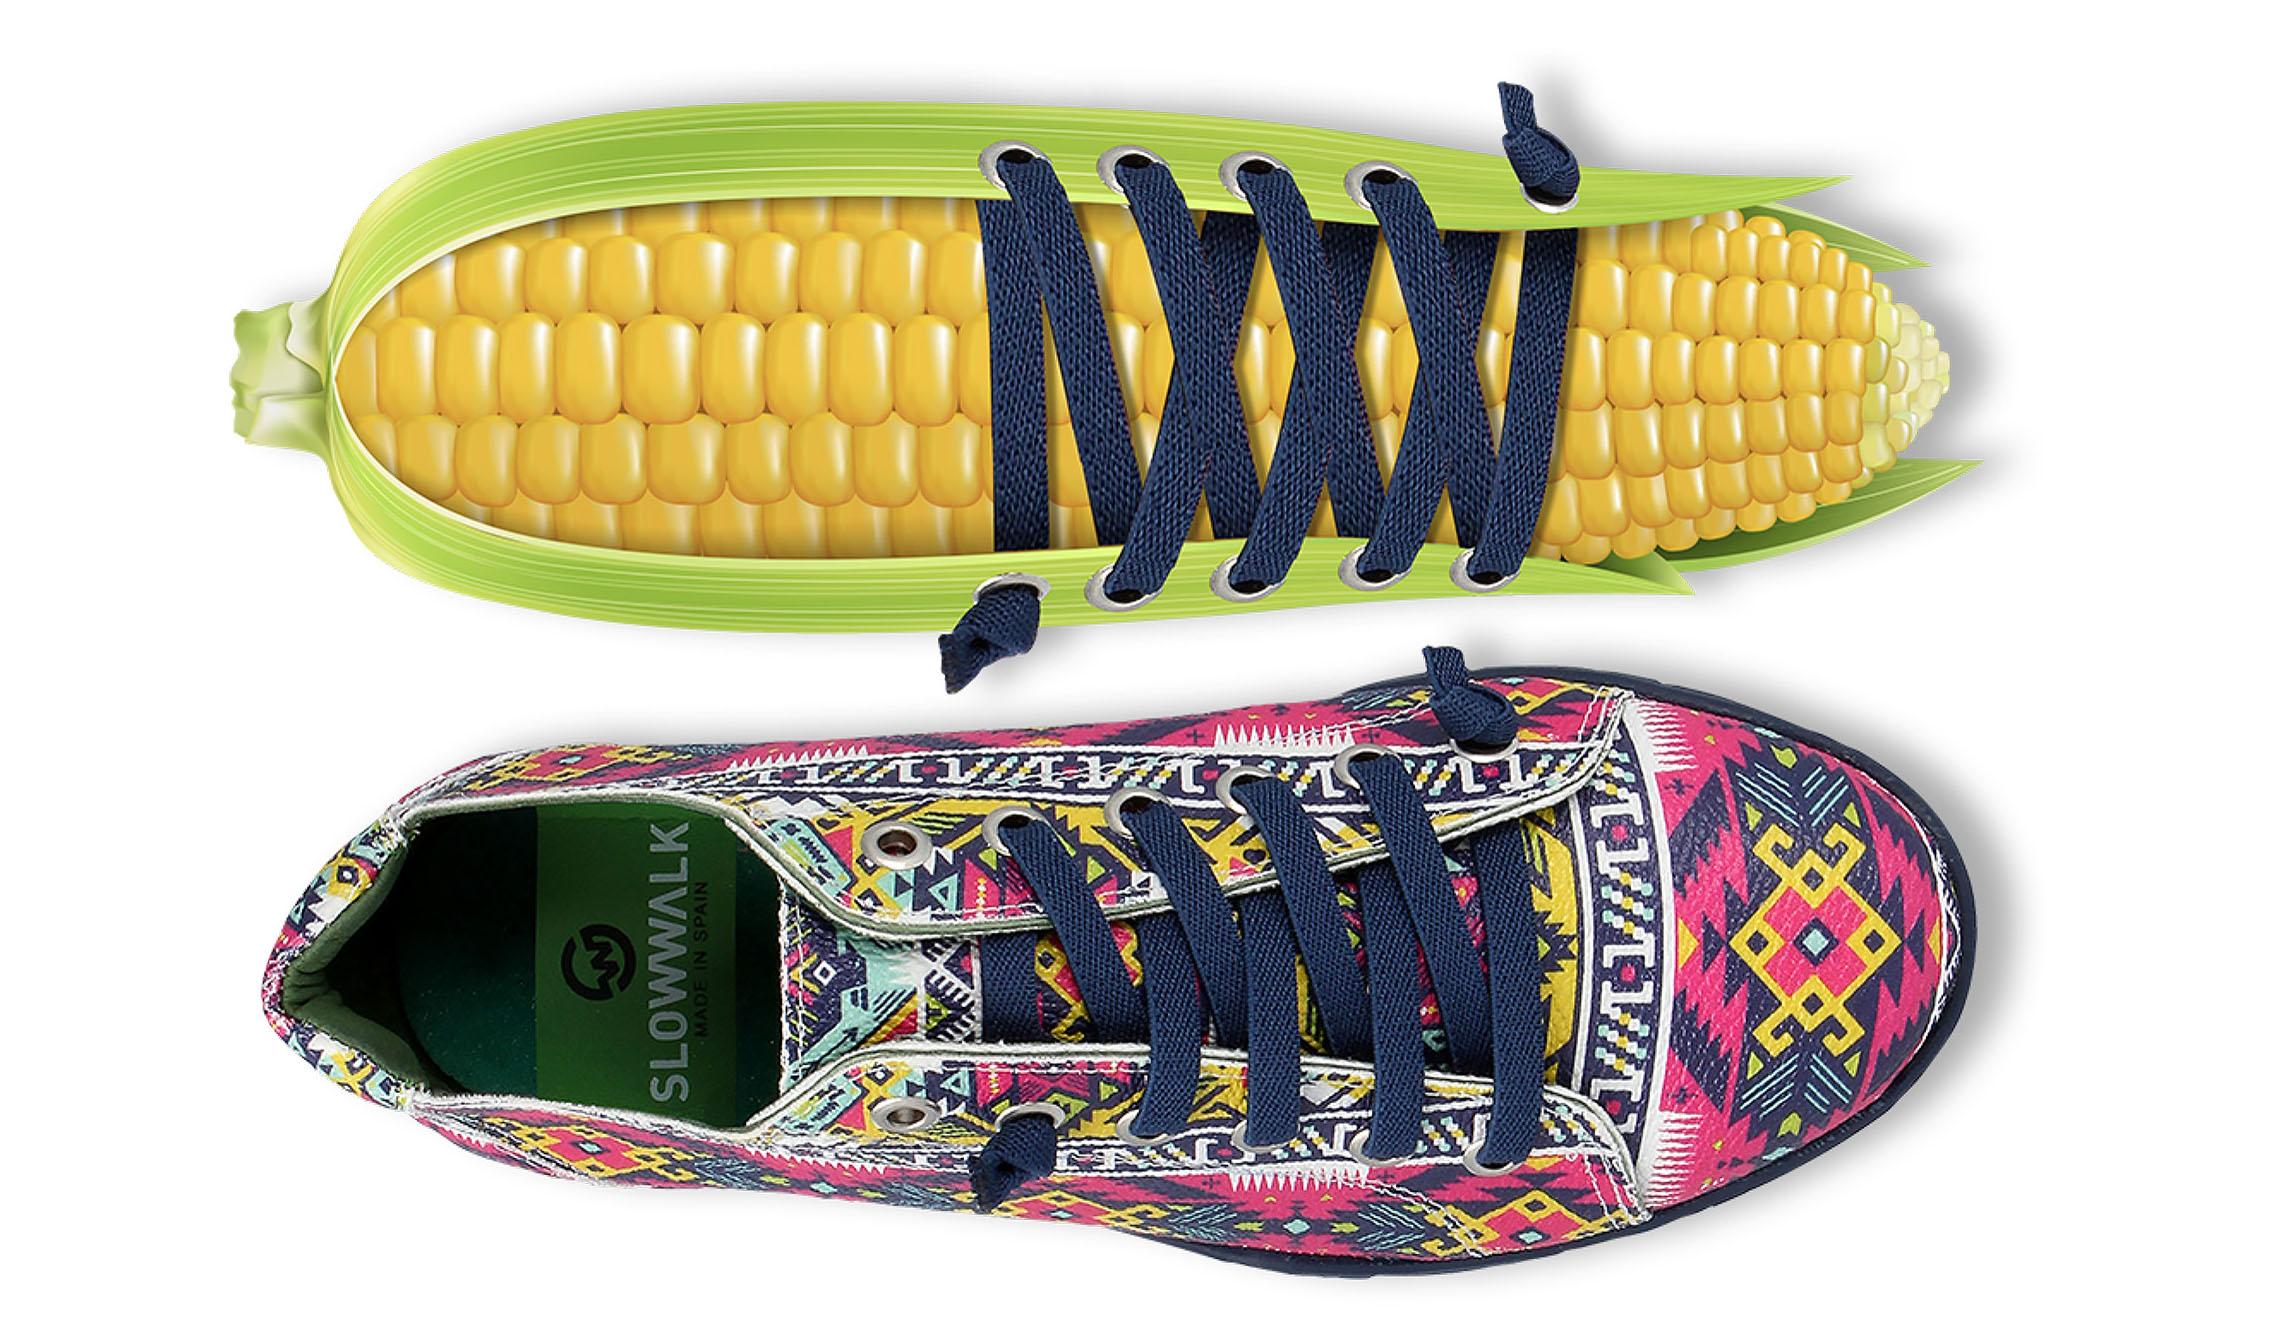 Las 'zapas' que están hechas de maíz